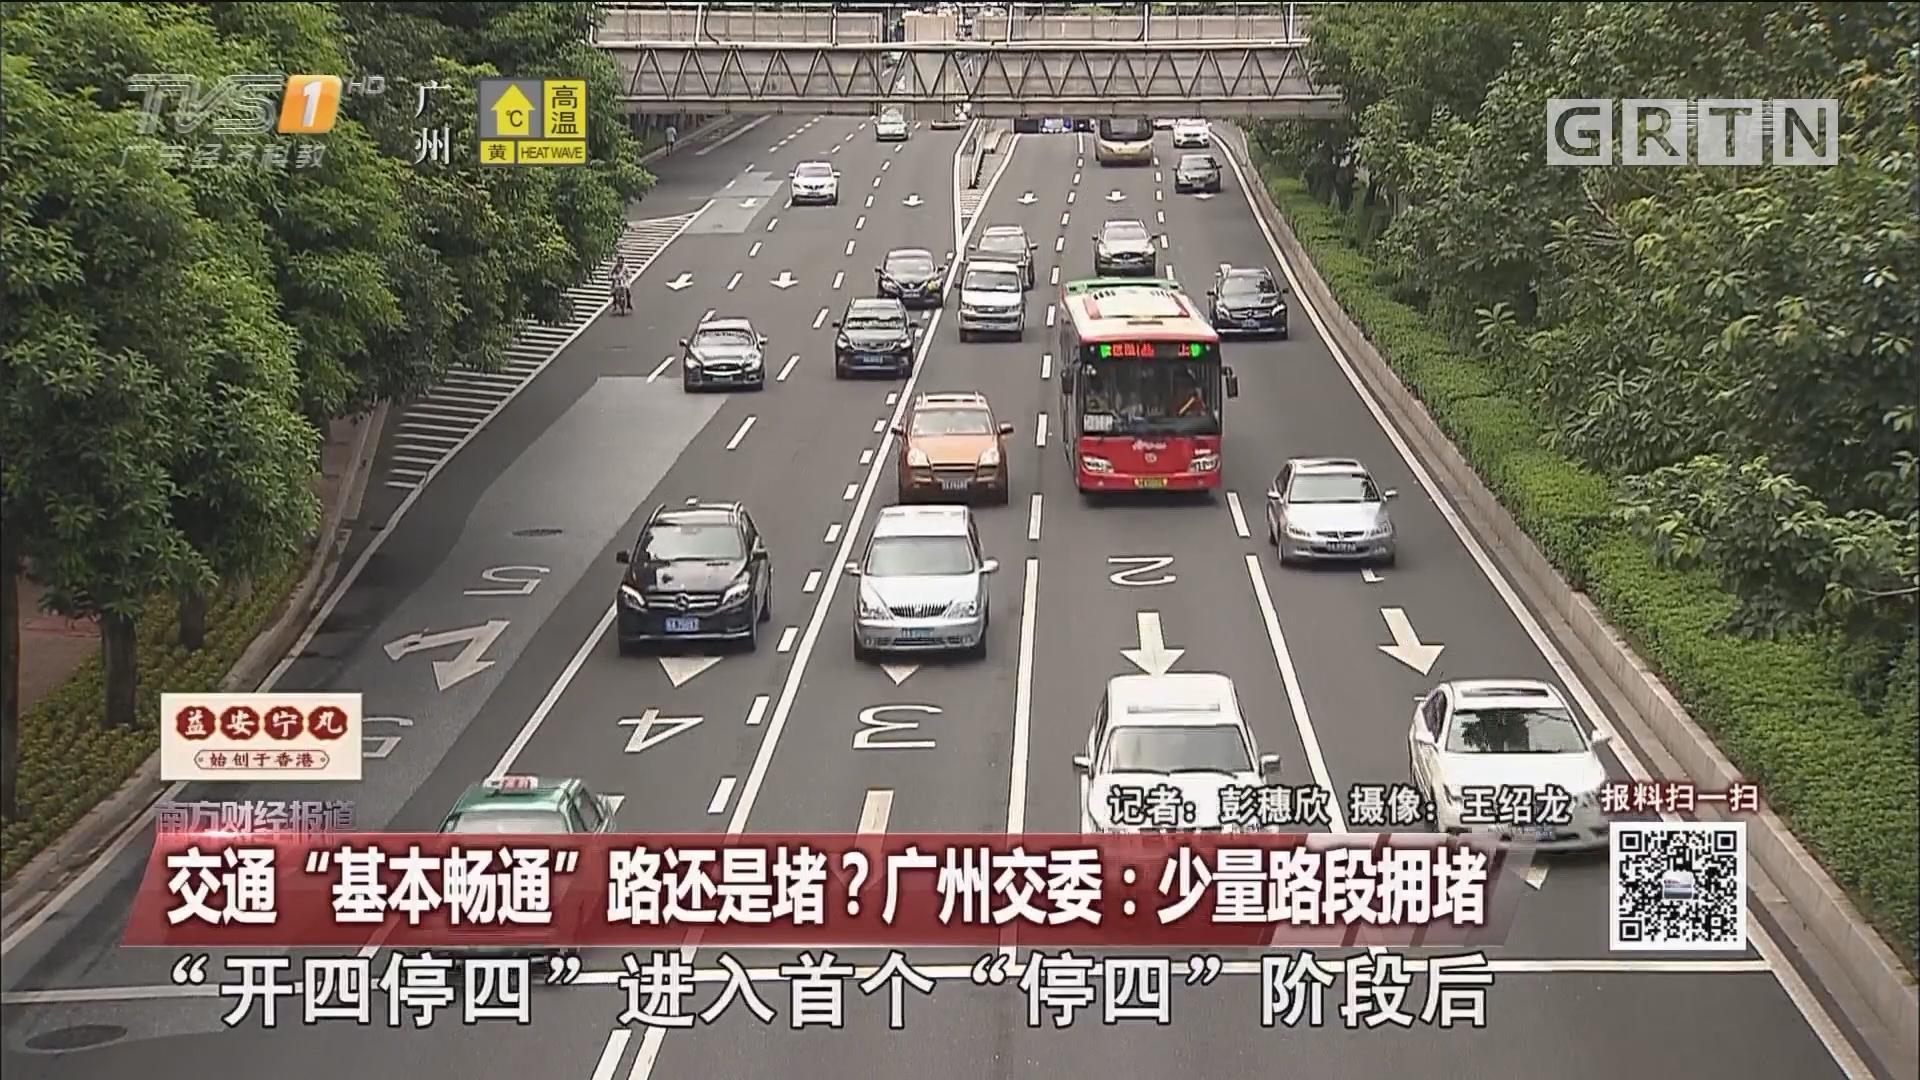 """交通""""基本畅通""""路还是堵?广州交委:少量路段拥堵"""